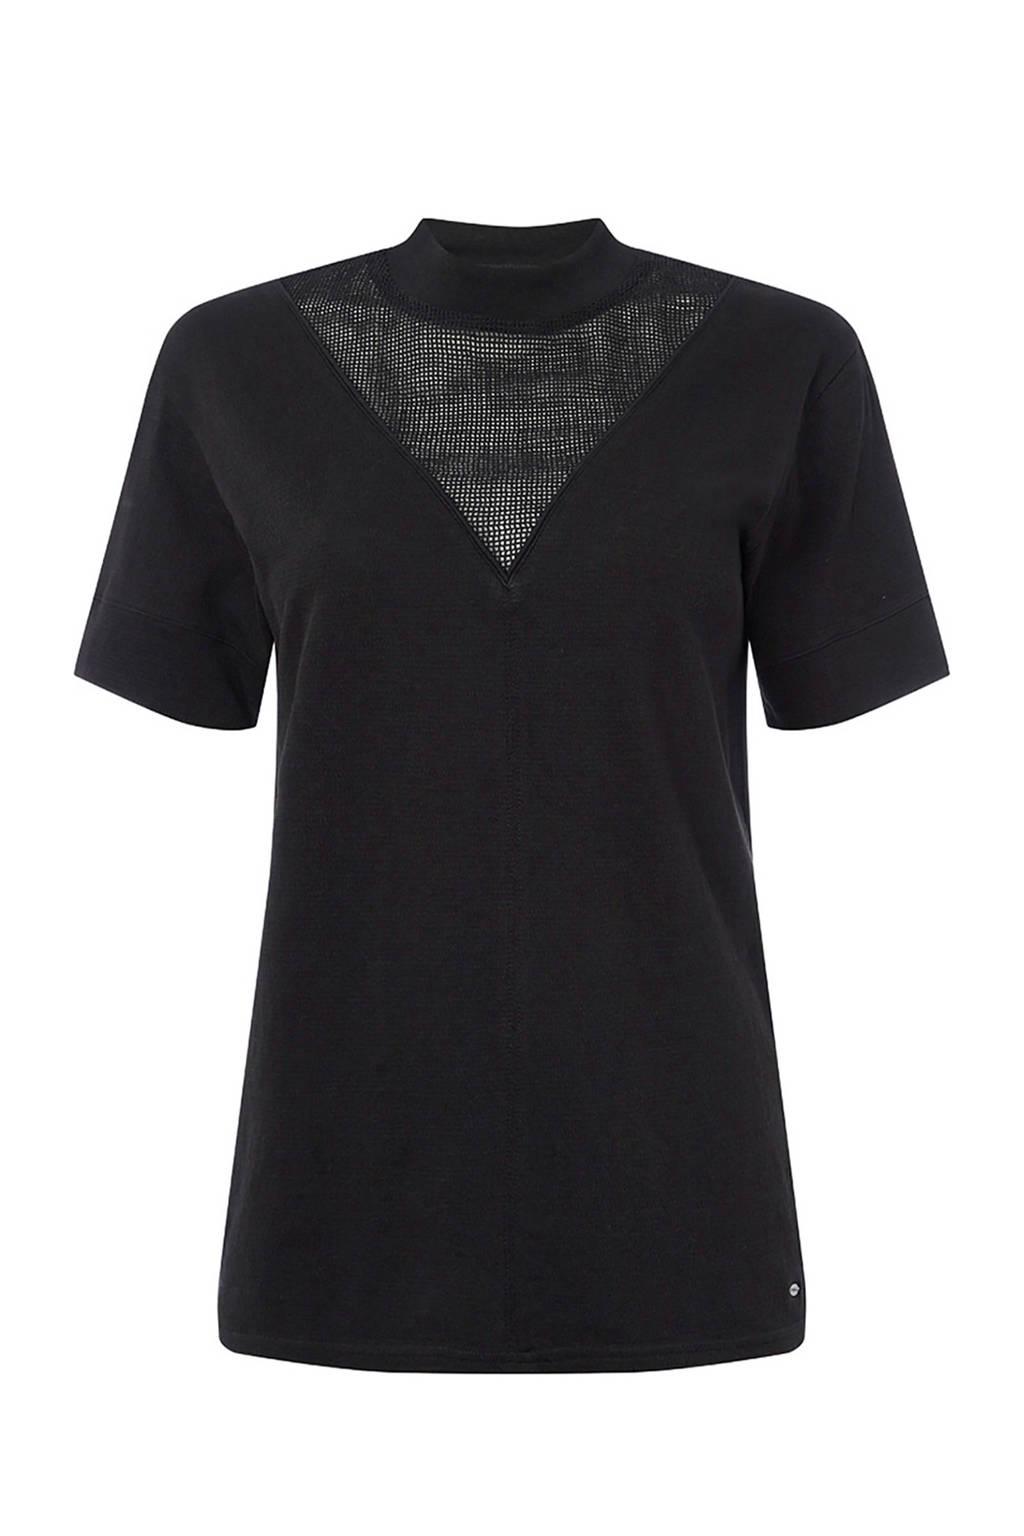 O'Neill T-shirt met mesh zwart, Zwart